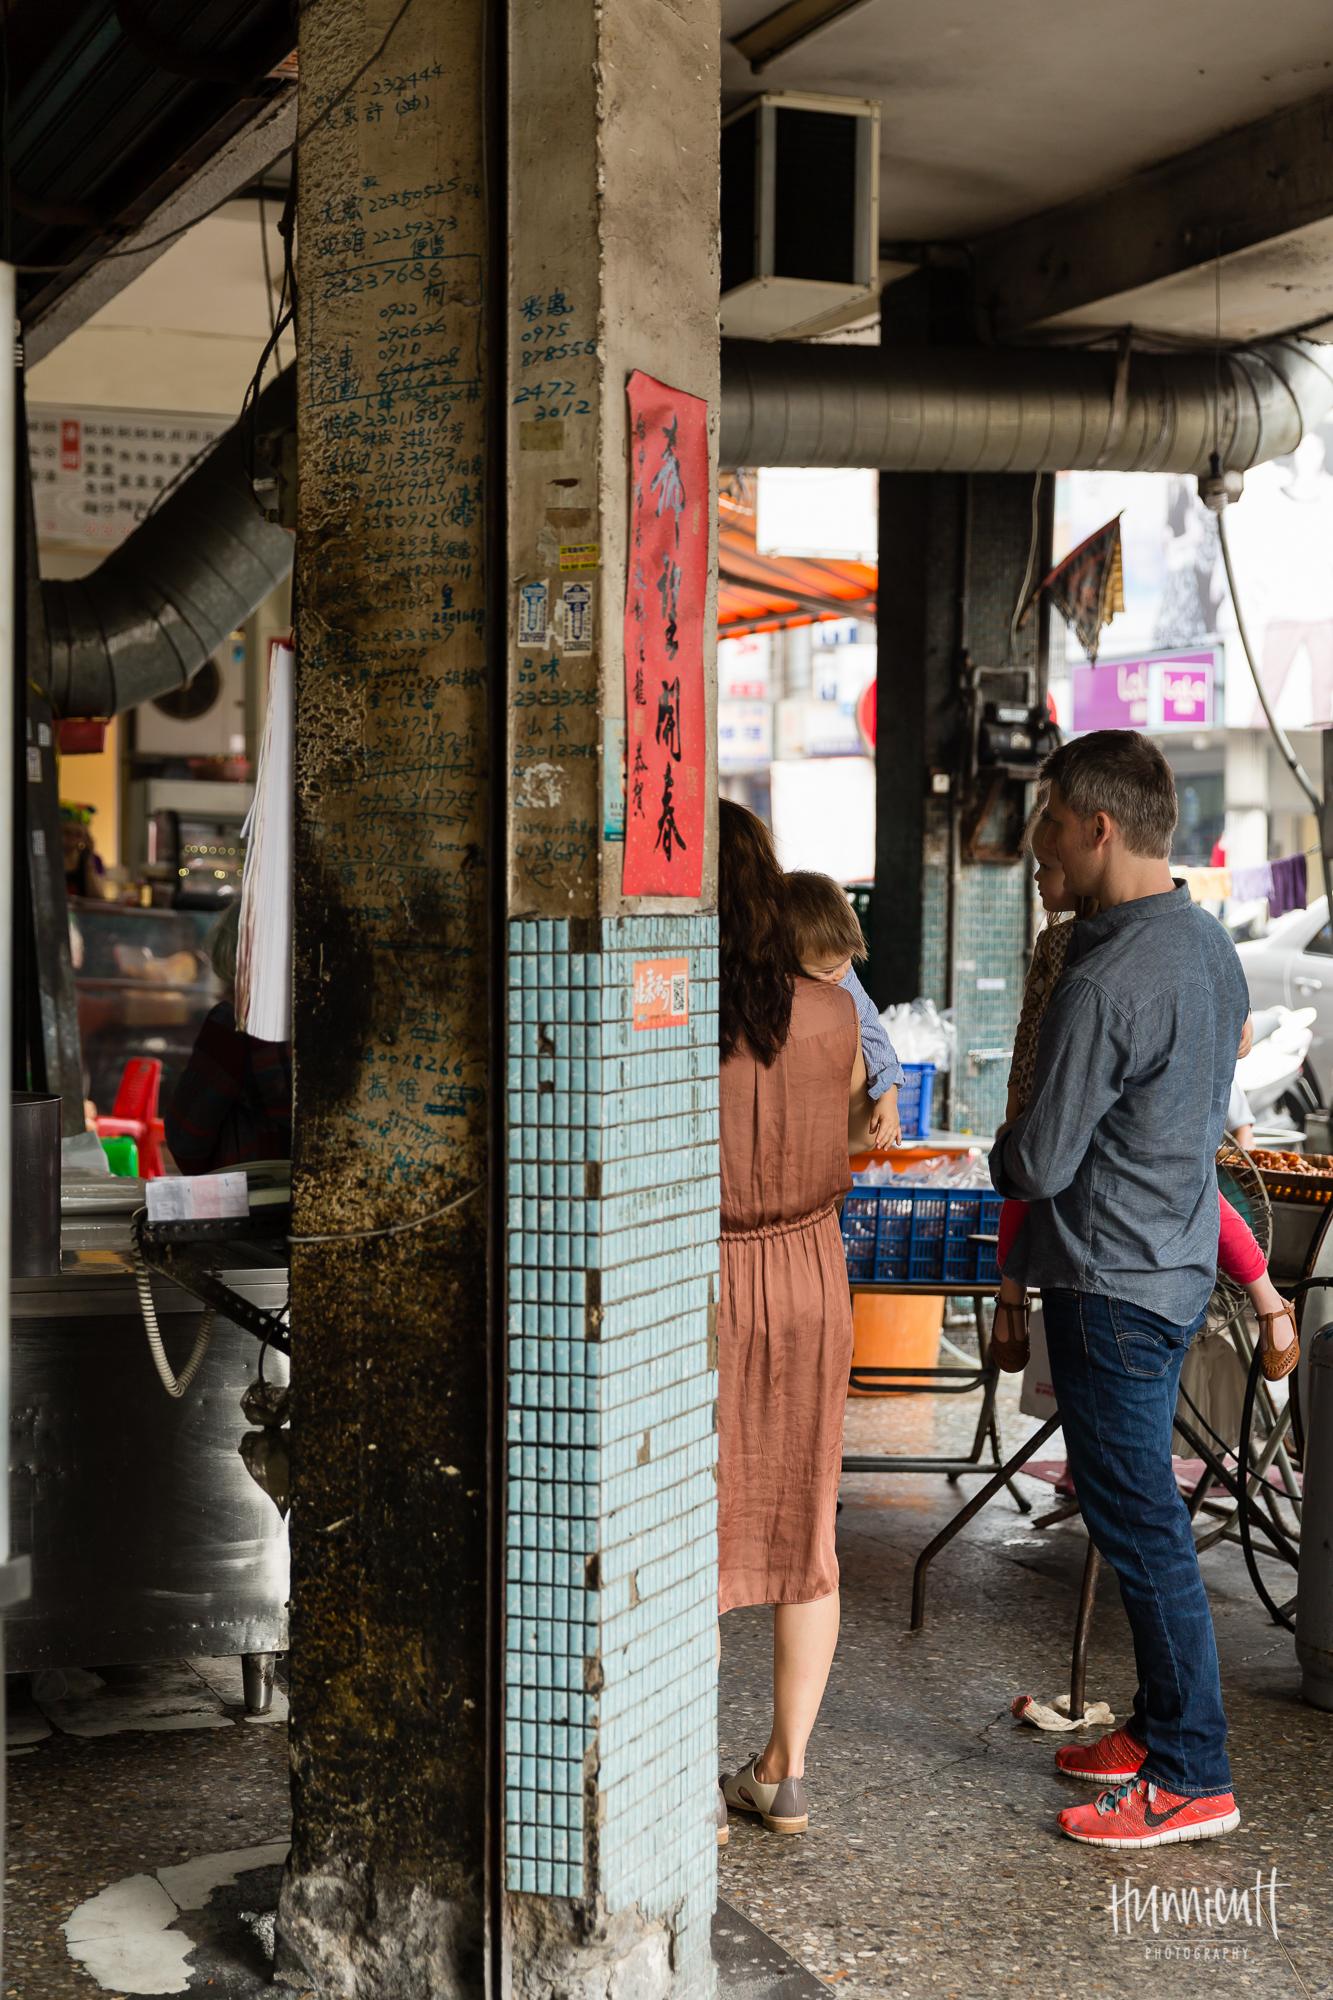 Taiwan-Urban-Lifestle-Duck-Family-HunnicuttPHotography-29